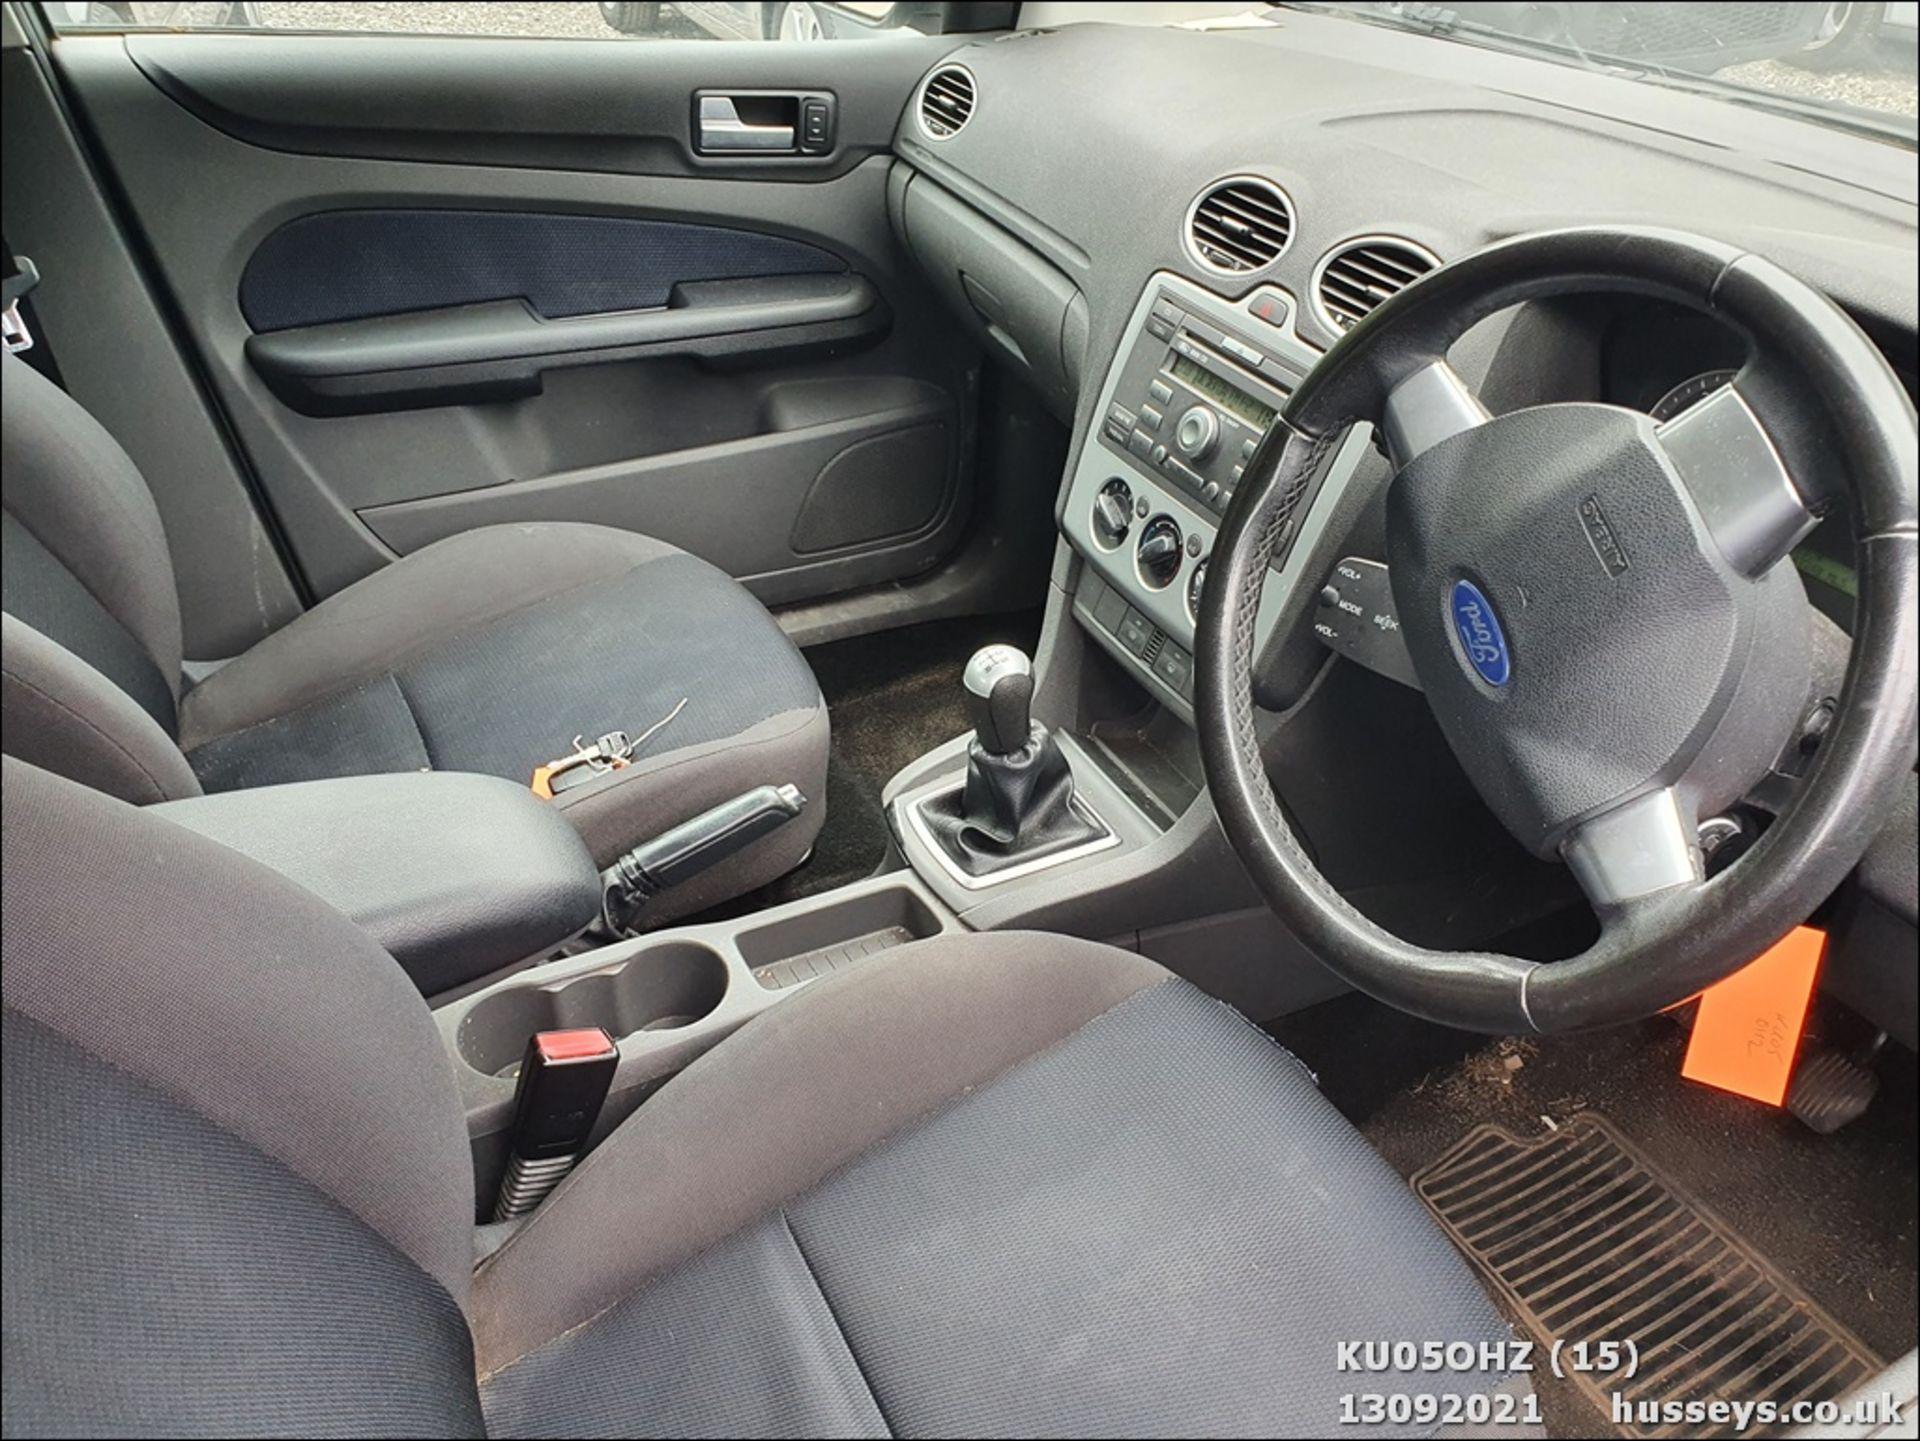 05/05 FORD FOCUS ZETEC CLIMATE TDCI - 1560cc 5dr Hatchback (Silver, 147k) - Image 15 of 18